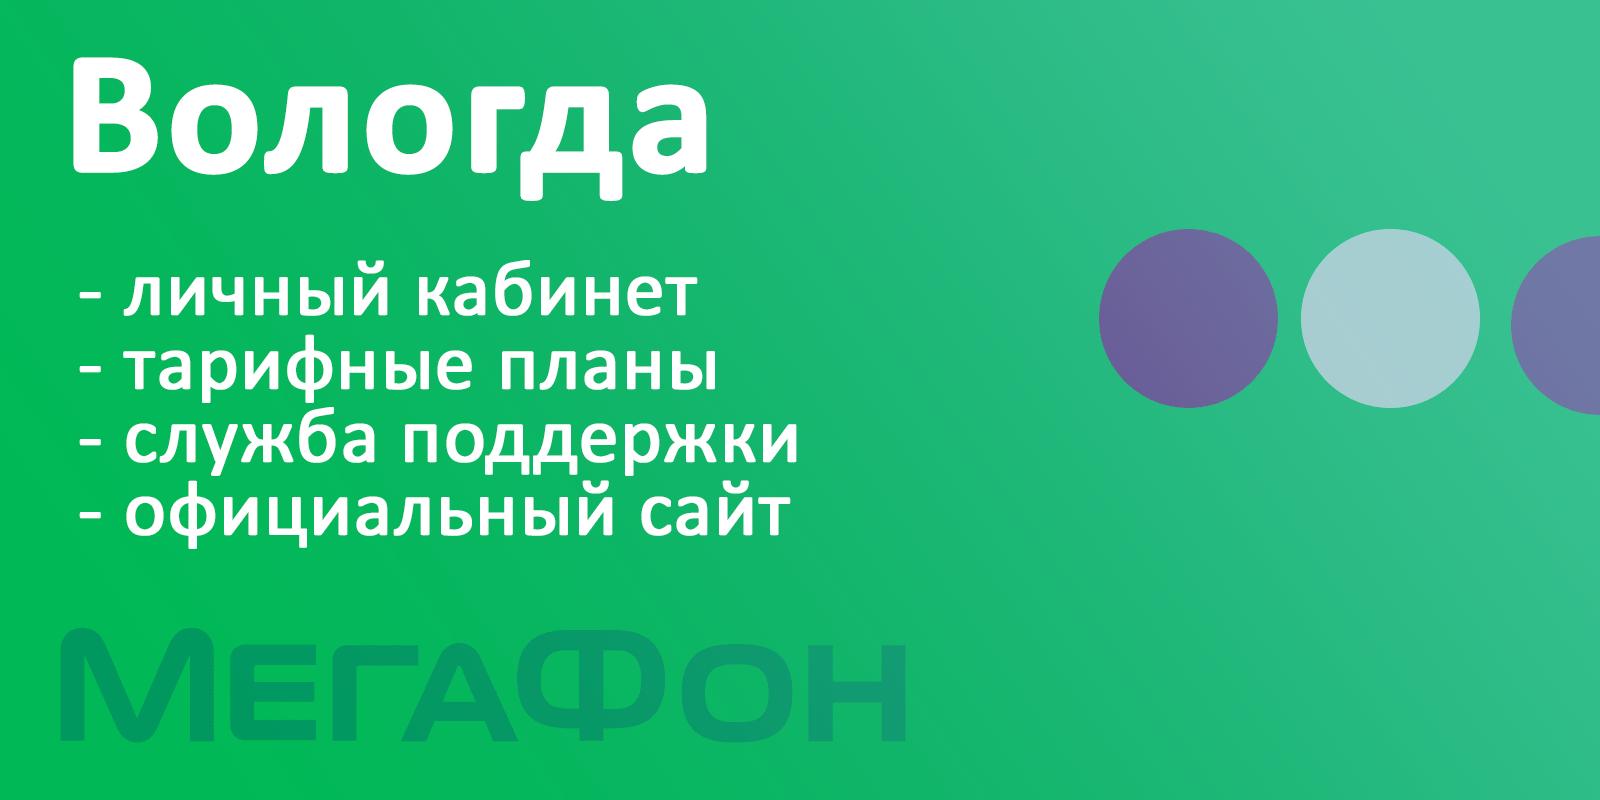 site-megafon-vologda.png